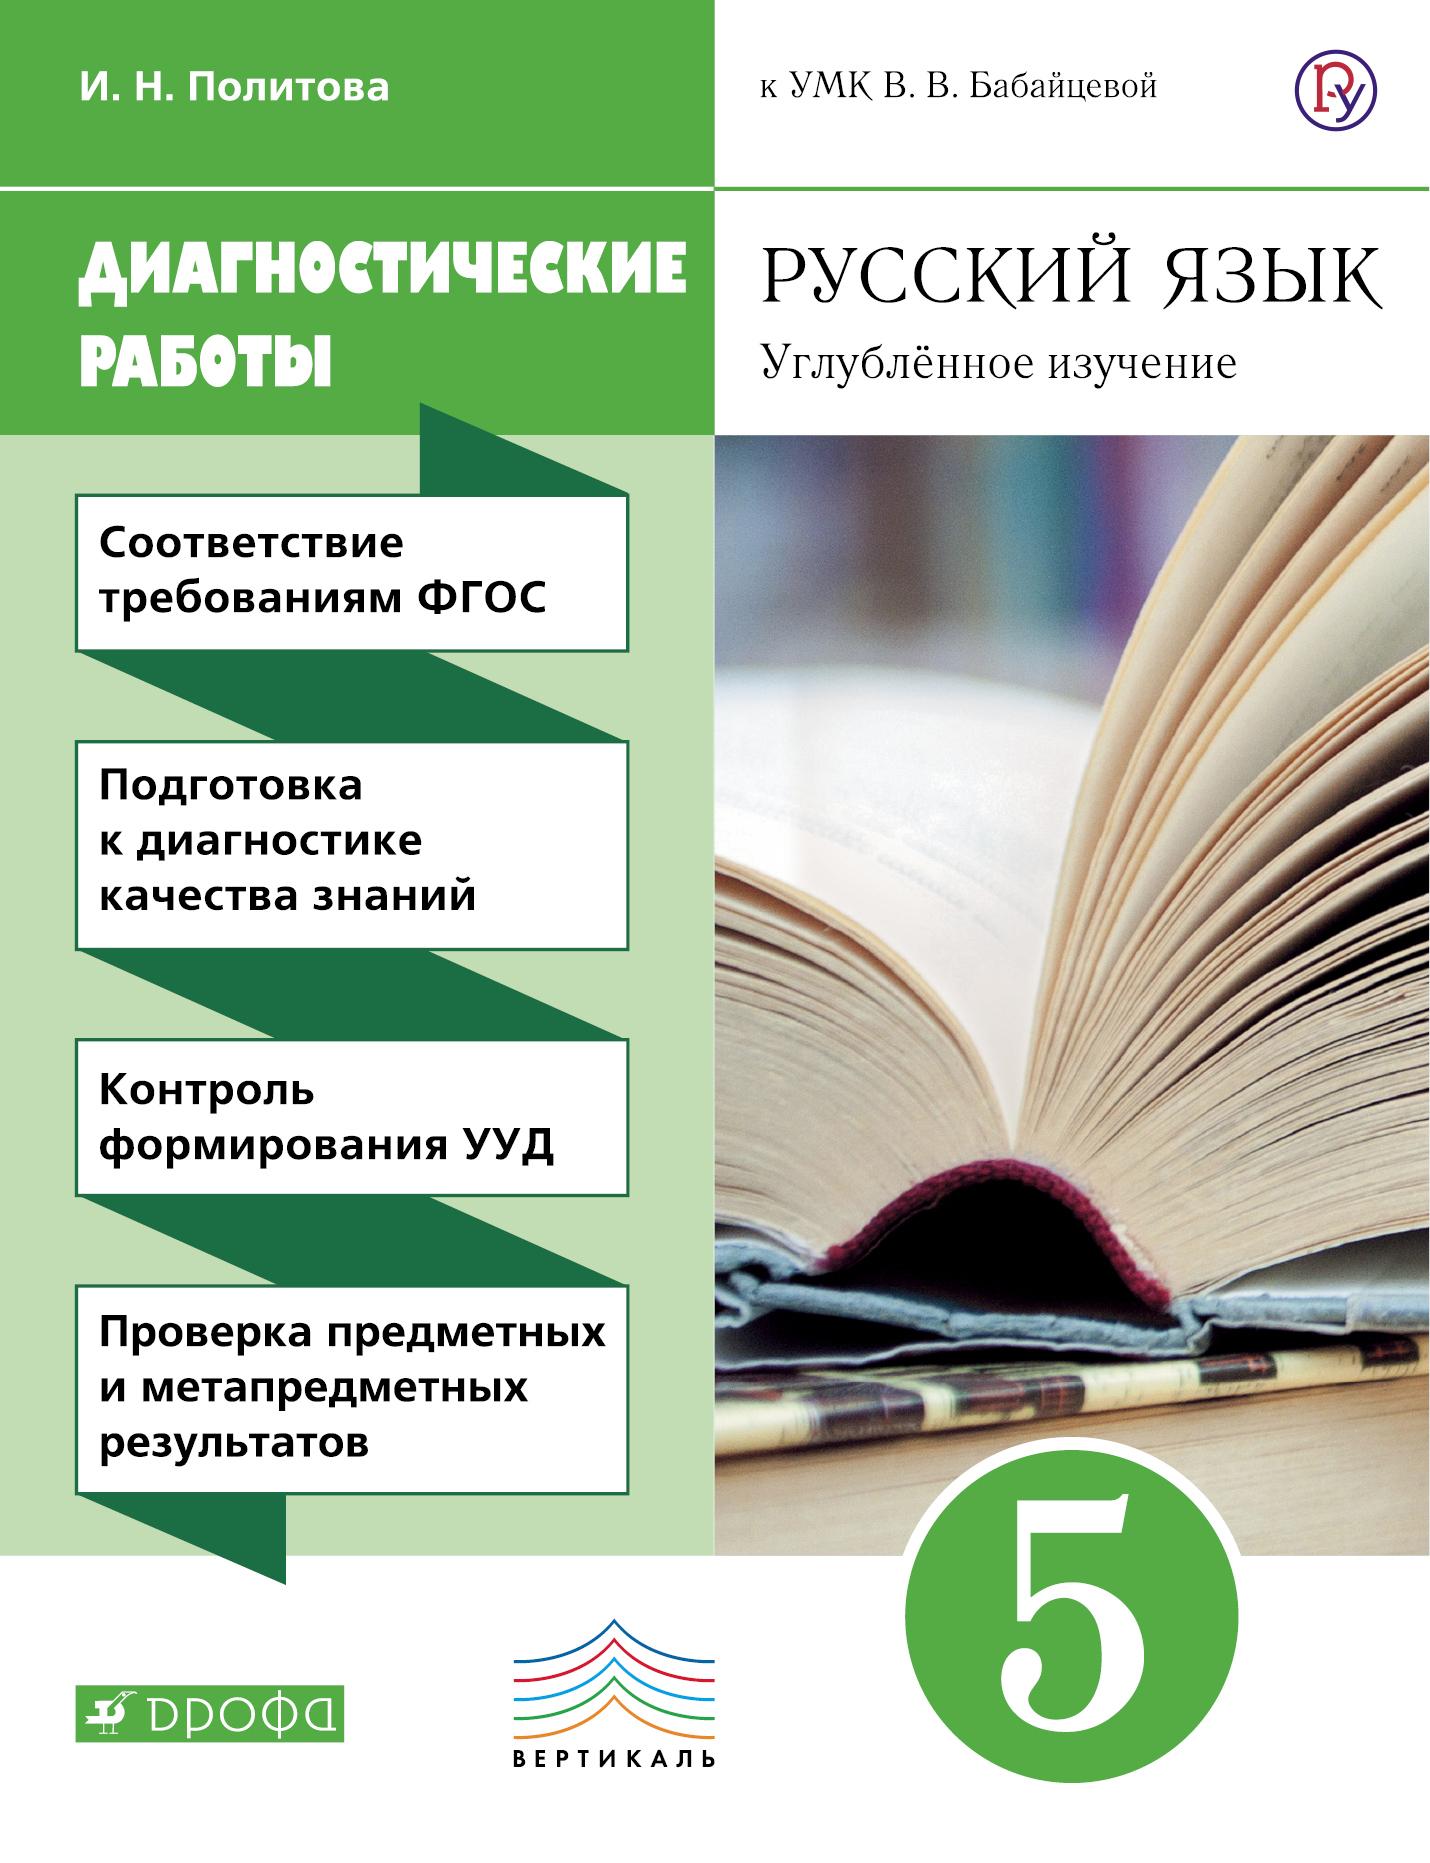 Нужна аудиозапись первой диагностической работы 2018 год сентябрь по русскому языку 9 класс